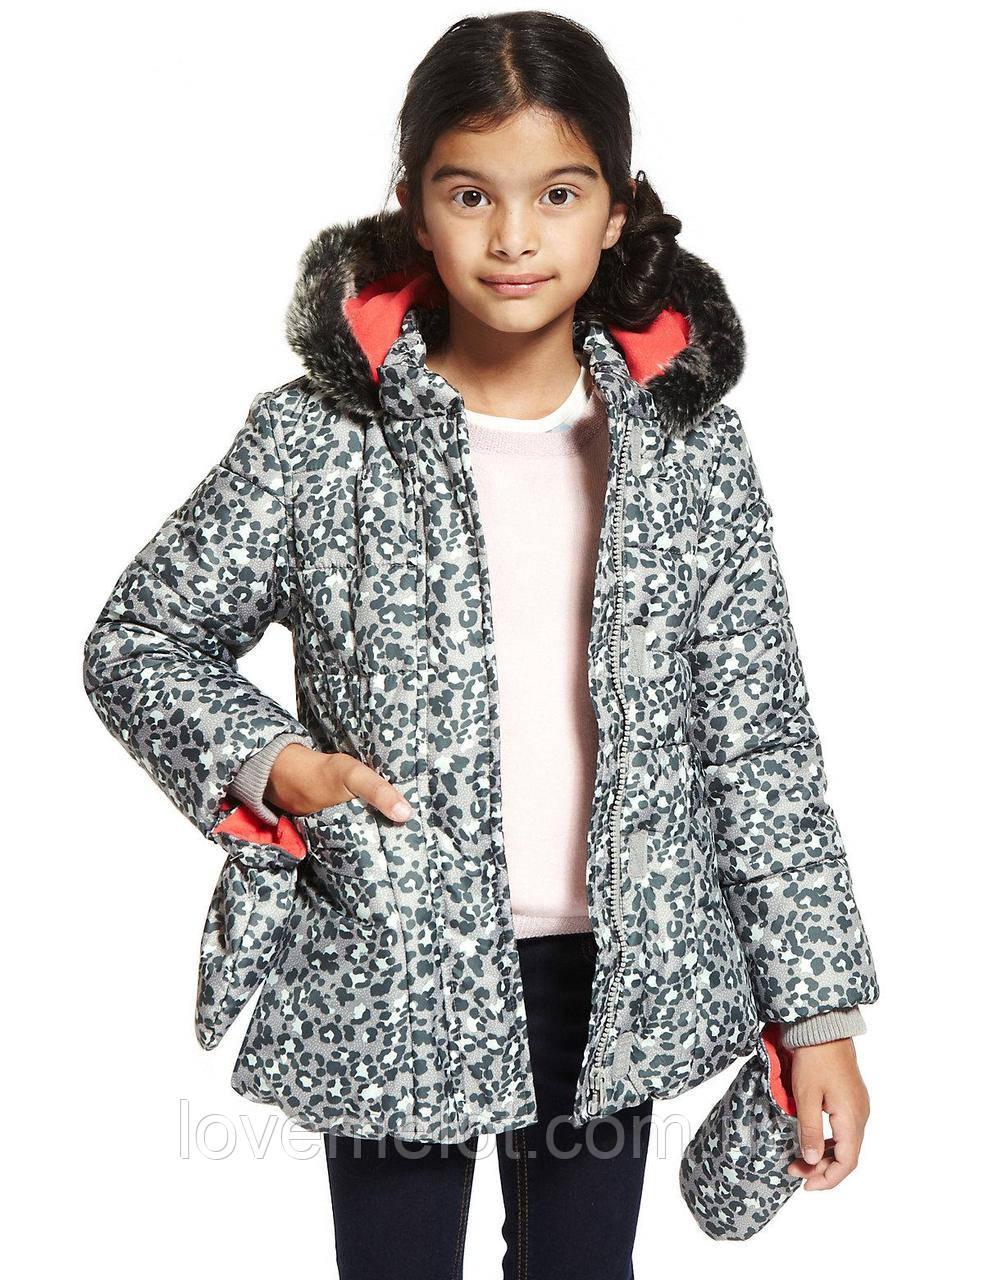 """Дитяча Куртка тепла зимова дитяча """"Гепардовый гламур"""" для дівчинки на ріст 92 і 98см"""